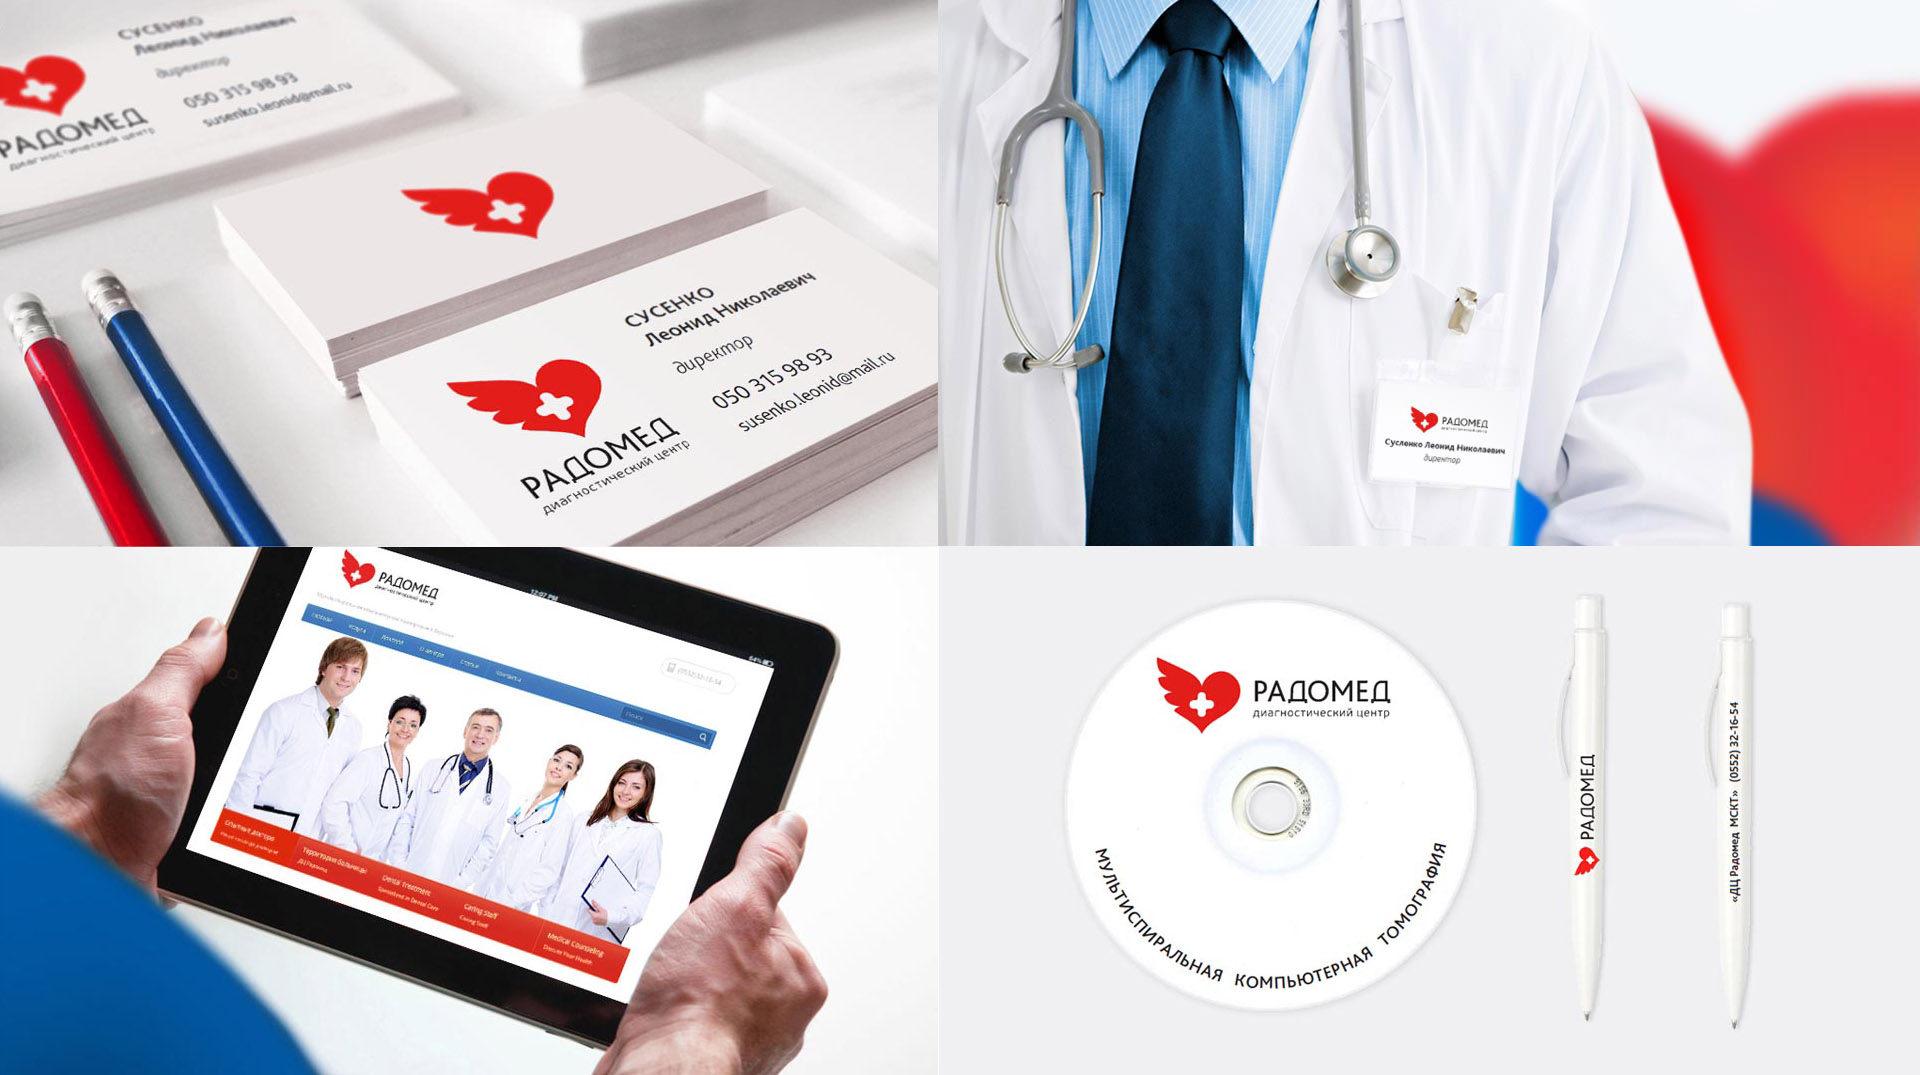 Создание логотипа диагностического центра, Diagnostic medical center logo design